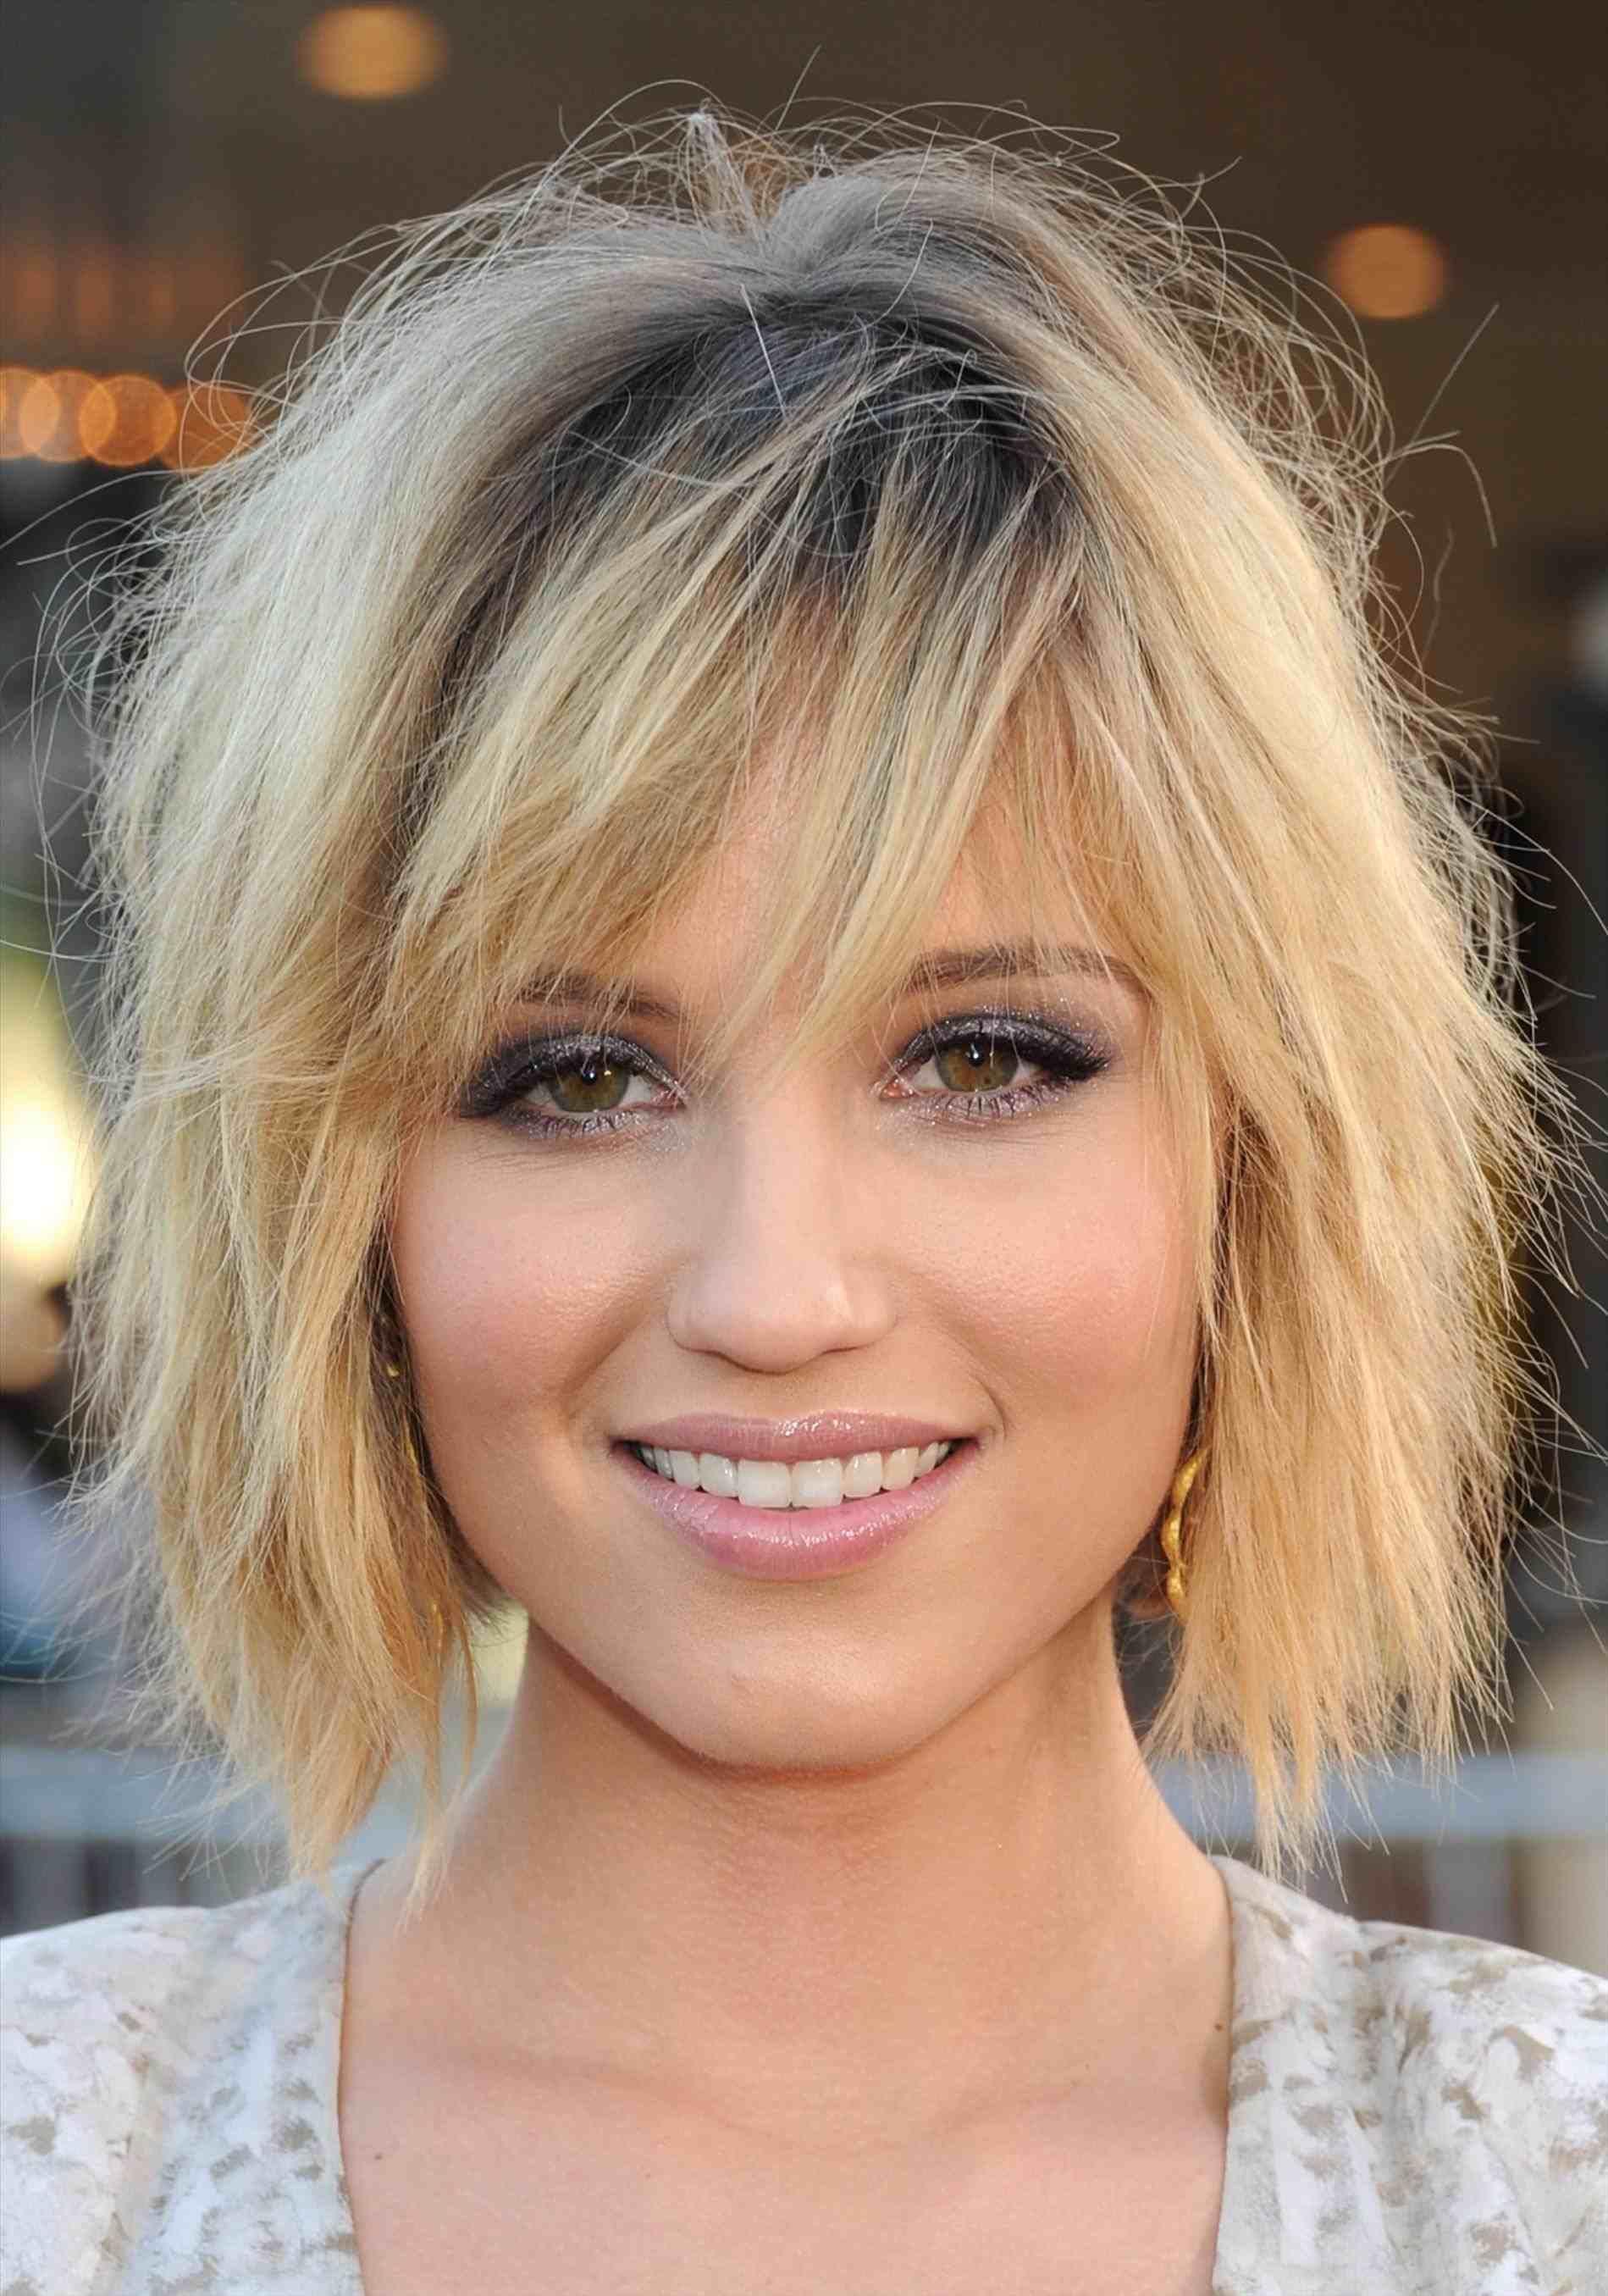 Superb #Medium Bilder Von Mittlerer Länge Frisuren Für Dickes Haar #Bilder #von  #mittlerer